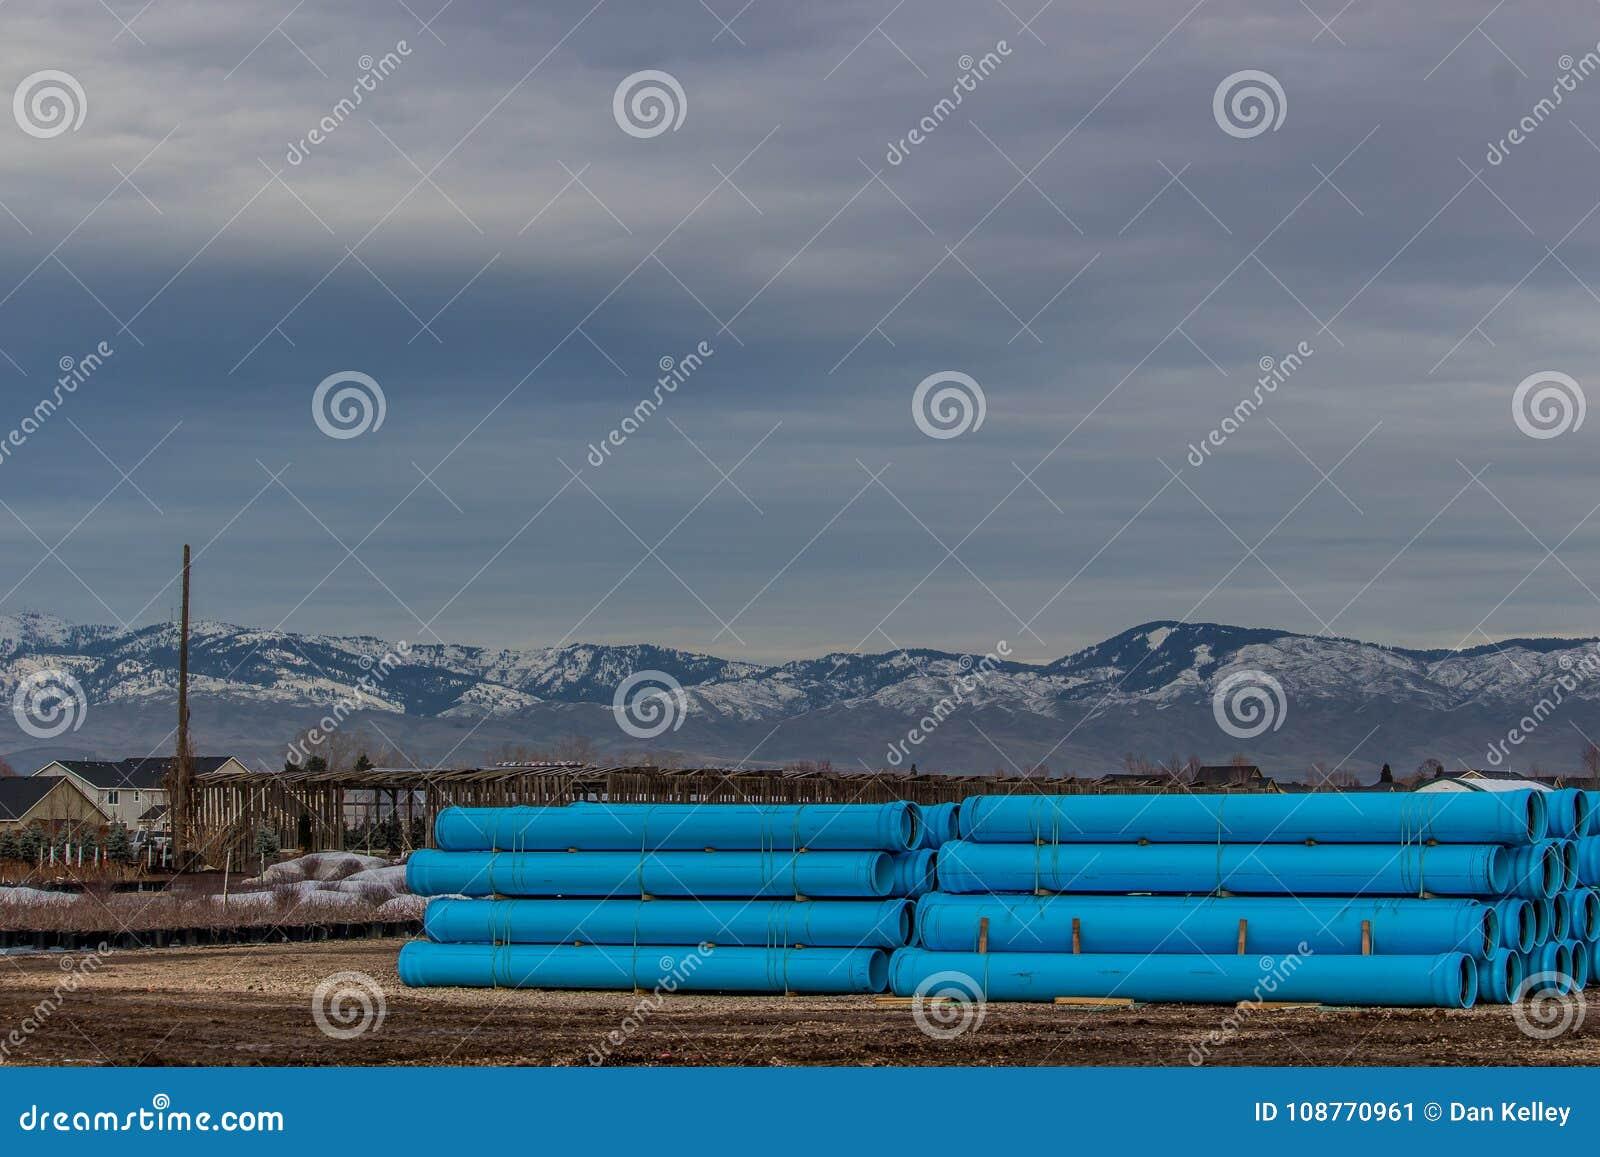 Tubo de desagüe efectuado para la construcción de carreteras del invierno en Boise Idaho